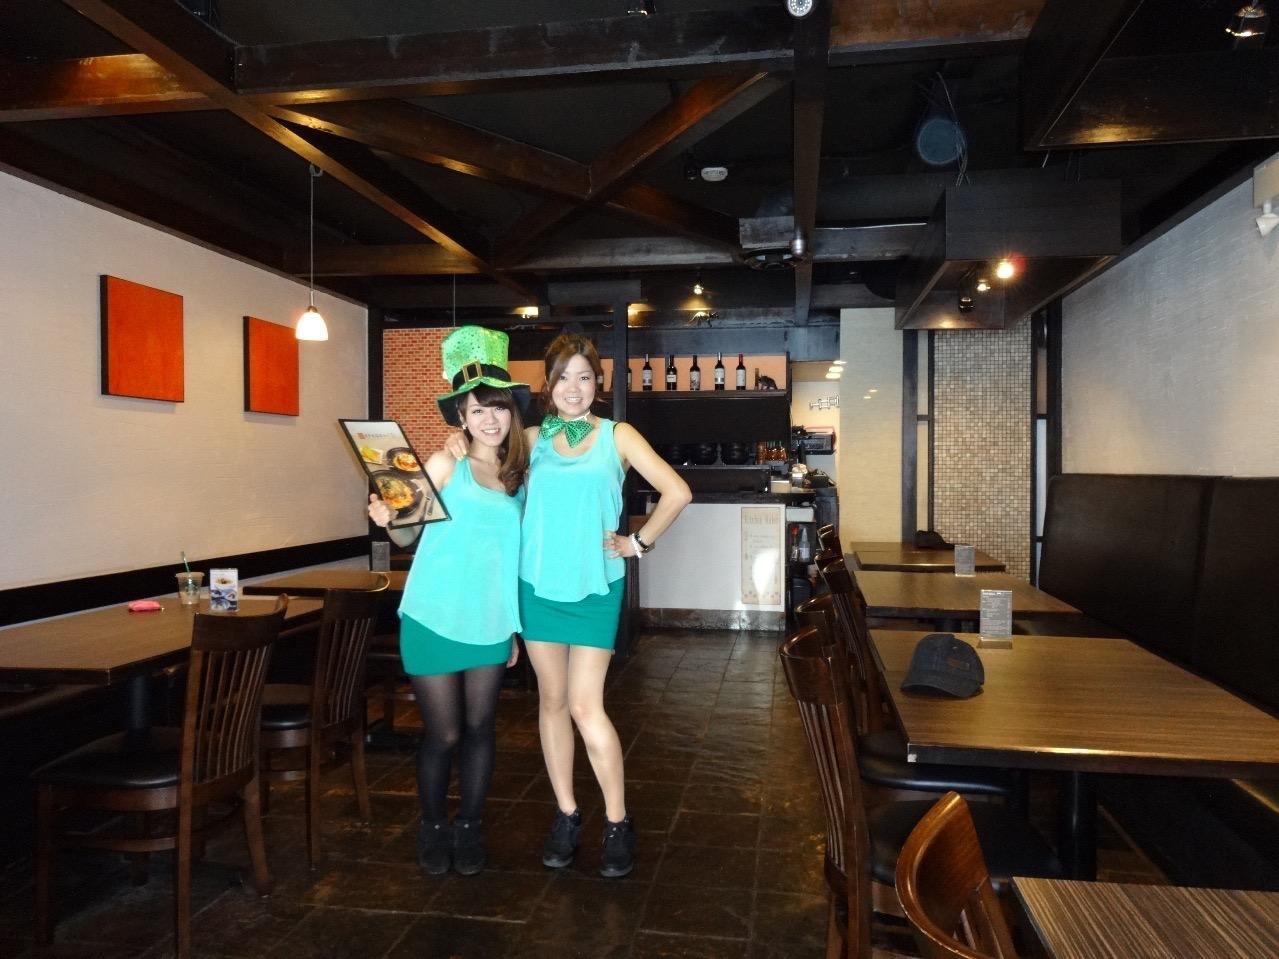 St Patrick's Dayなので緑の服で♪